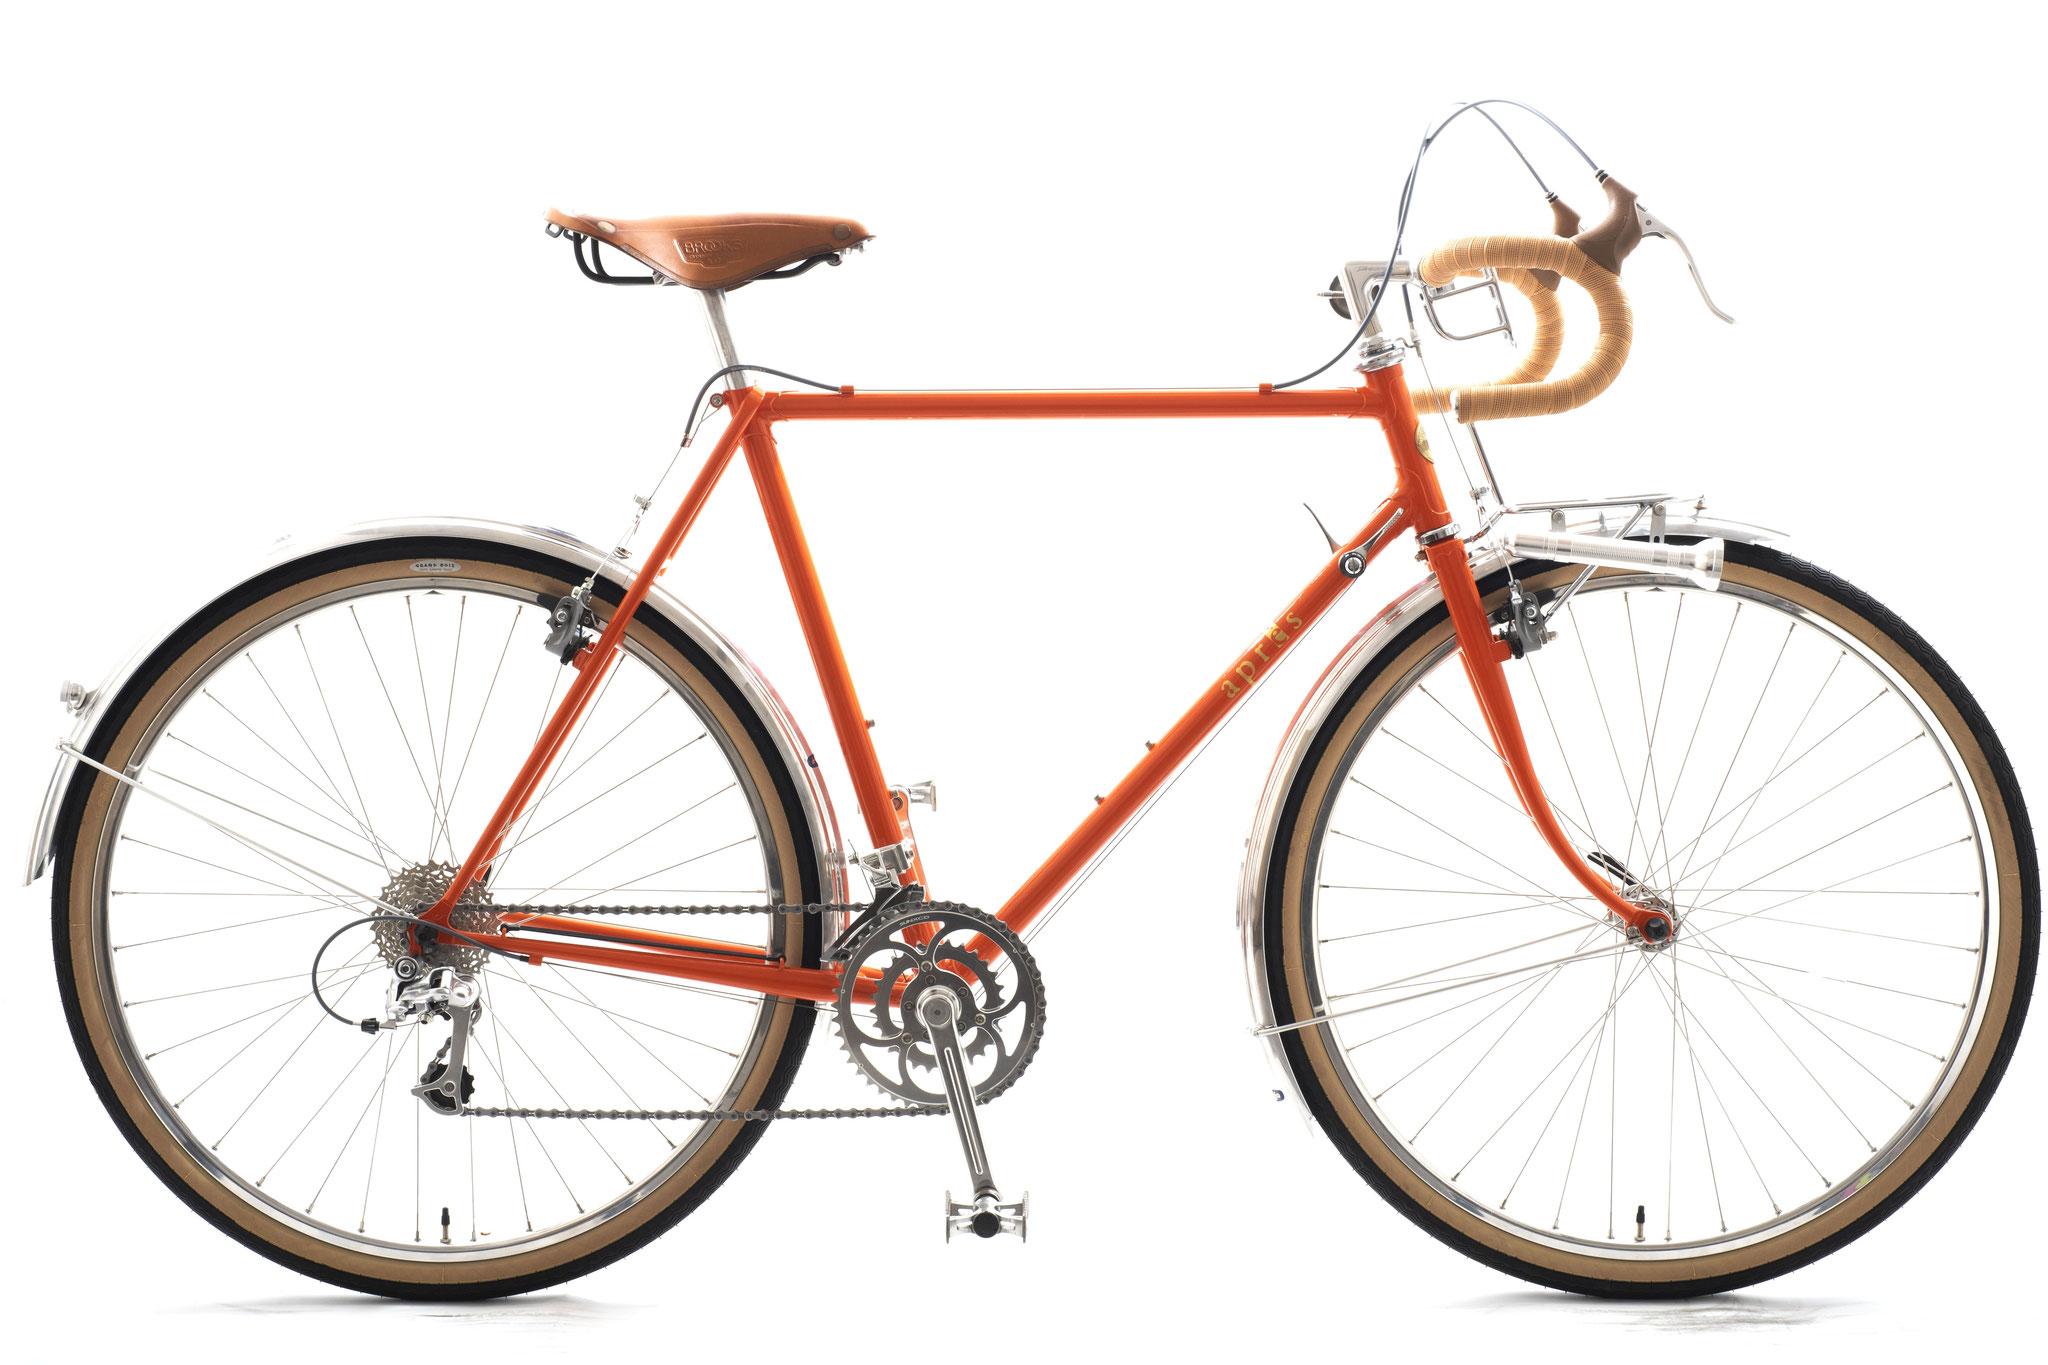 オレンジ色のランドナーは、小平のヒロセさんのスポルティフに乗られているSさんのご注文、なので少し緊張してしまいました。スタンダードフレームですが、当店によるポジショニングでベストと思われるあたりを狙ってみました。